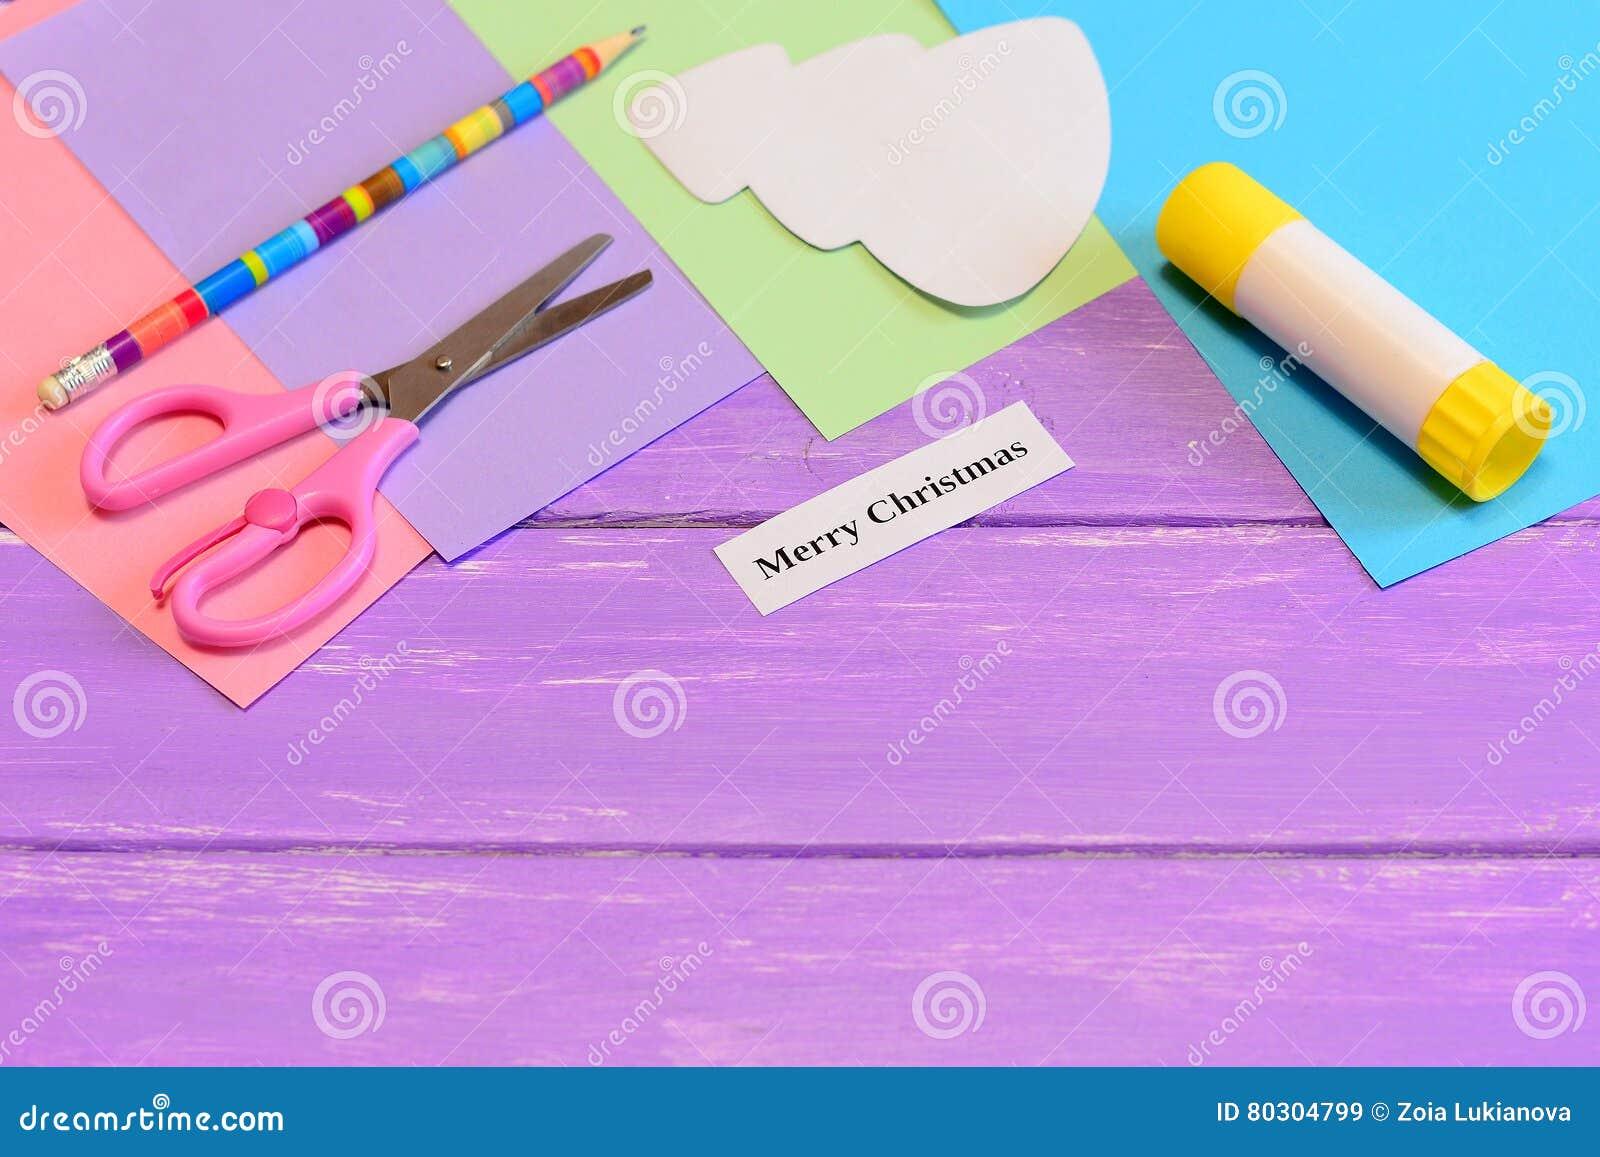 Comment Faire Des Arbres En Papier avec comment faire à carte de voeux de papier le joyeux noël opération